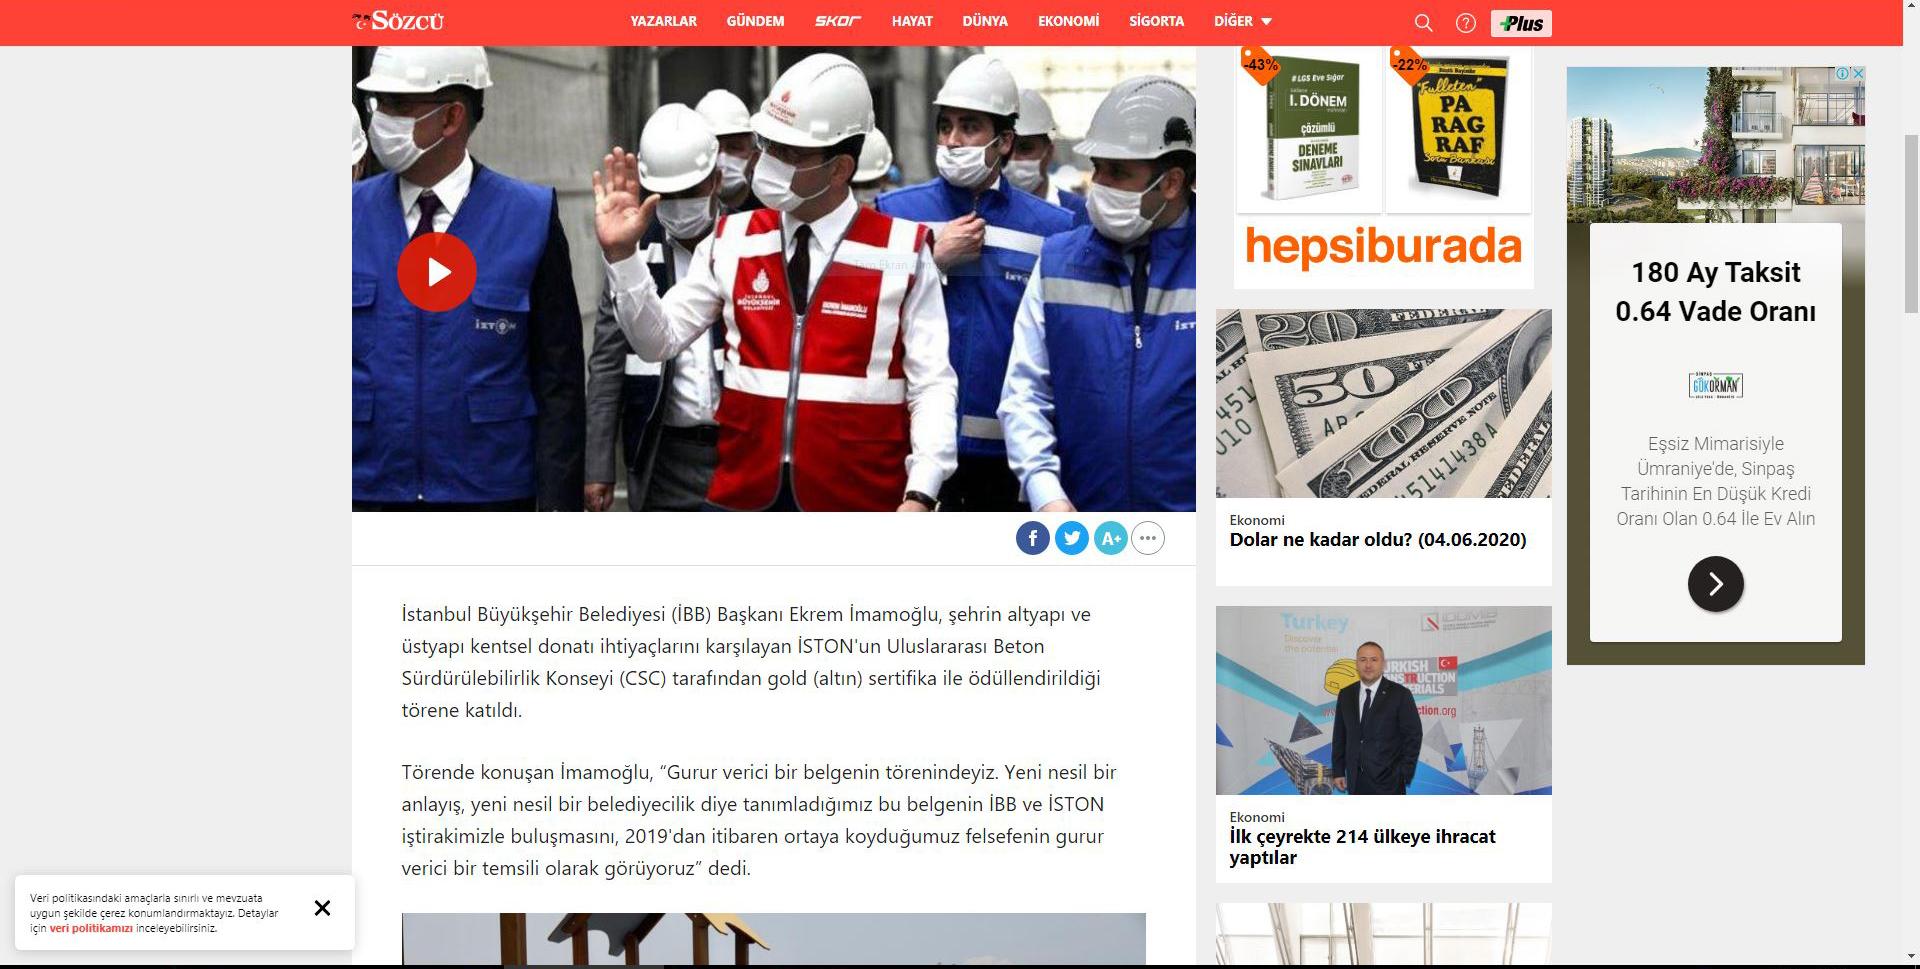 sozcu-gazetesi-istanbul